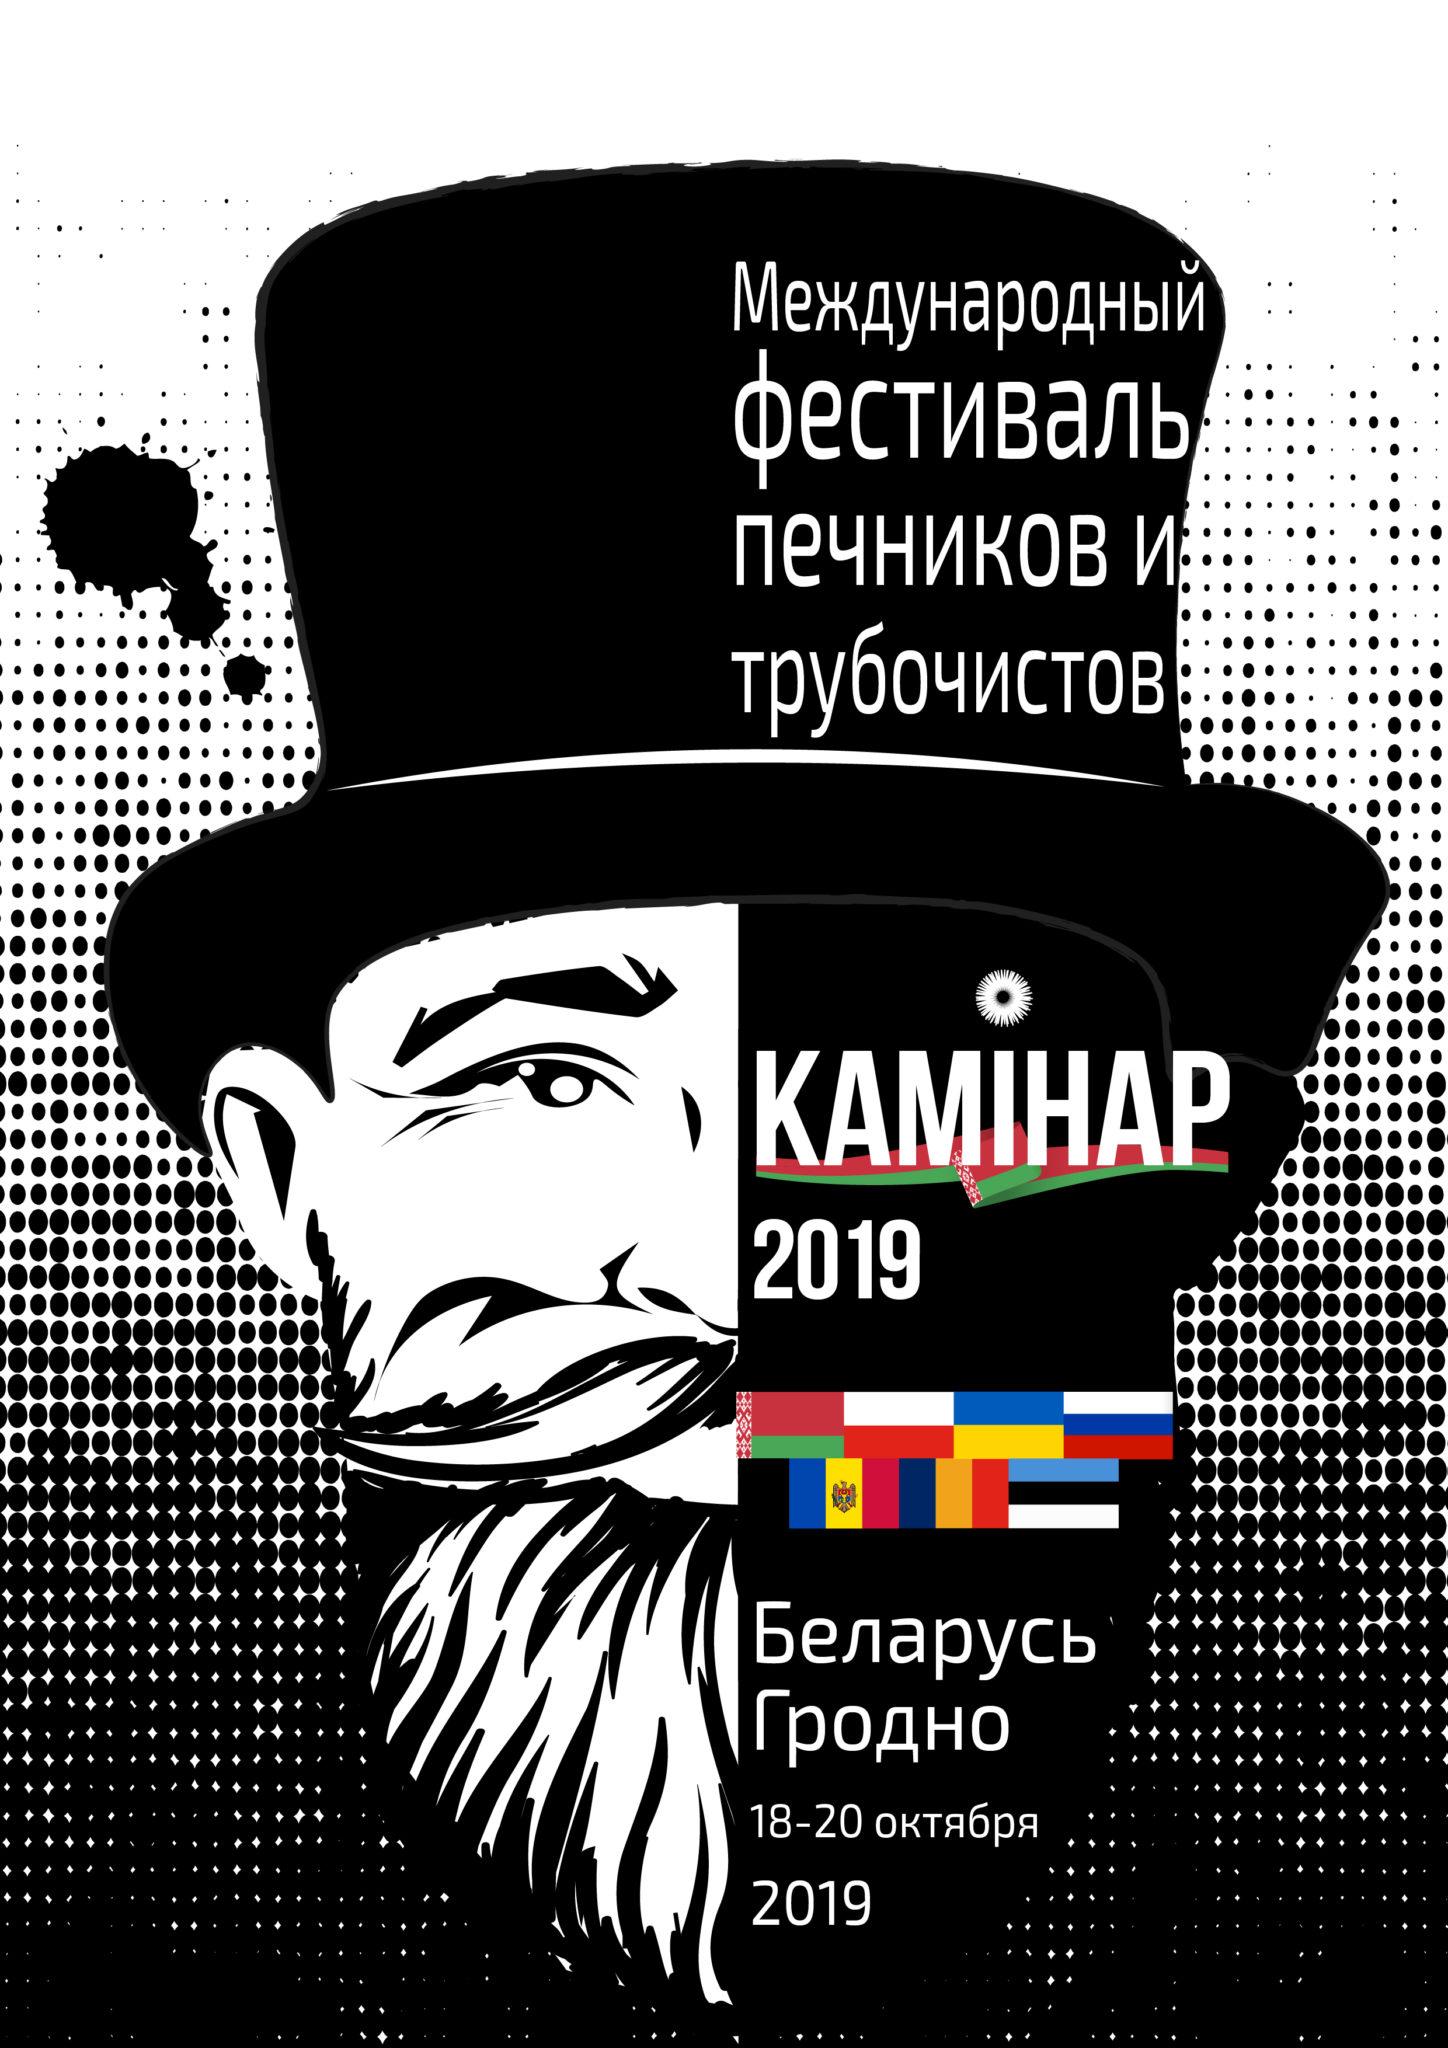 Международный фестиваль печников и трубочистов КАМIНАР 2019 Беларусь Гродно 18-20 октября 2019